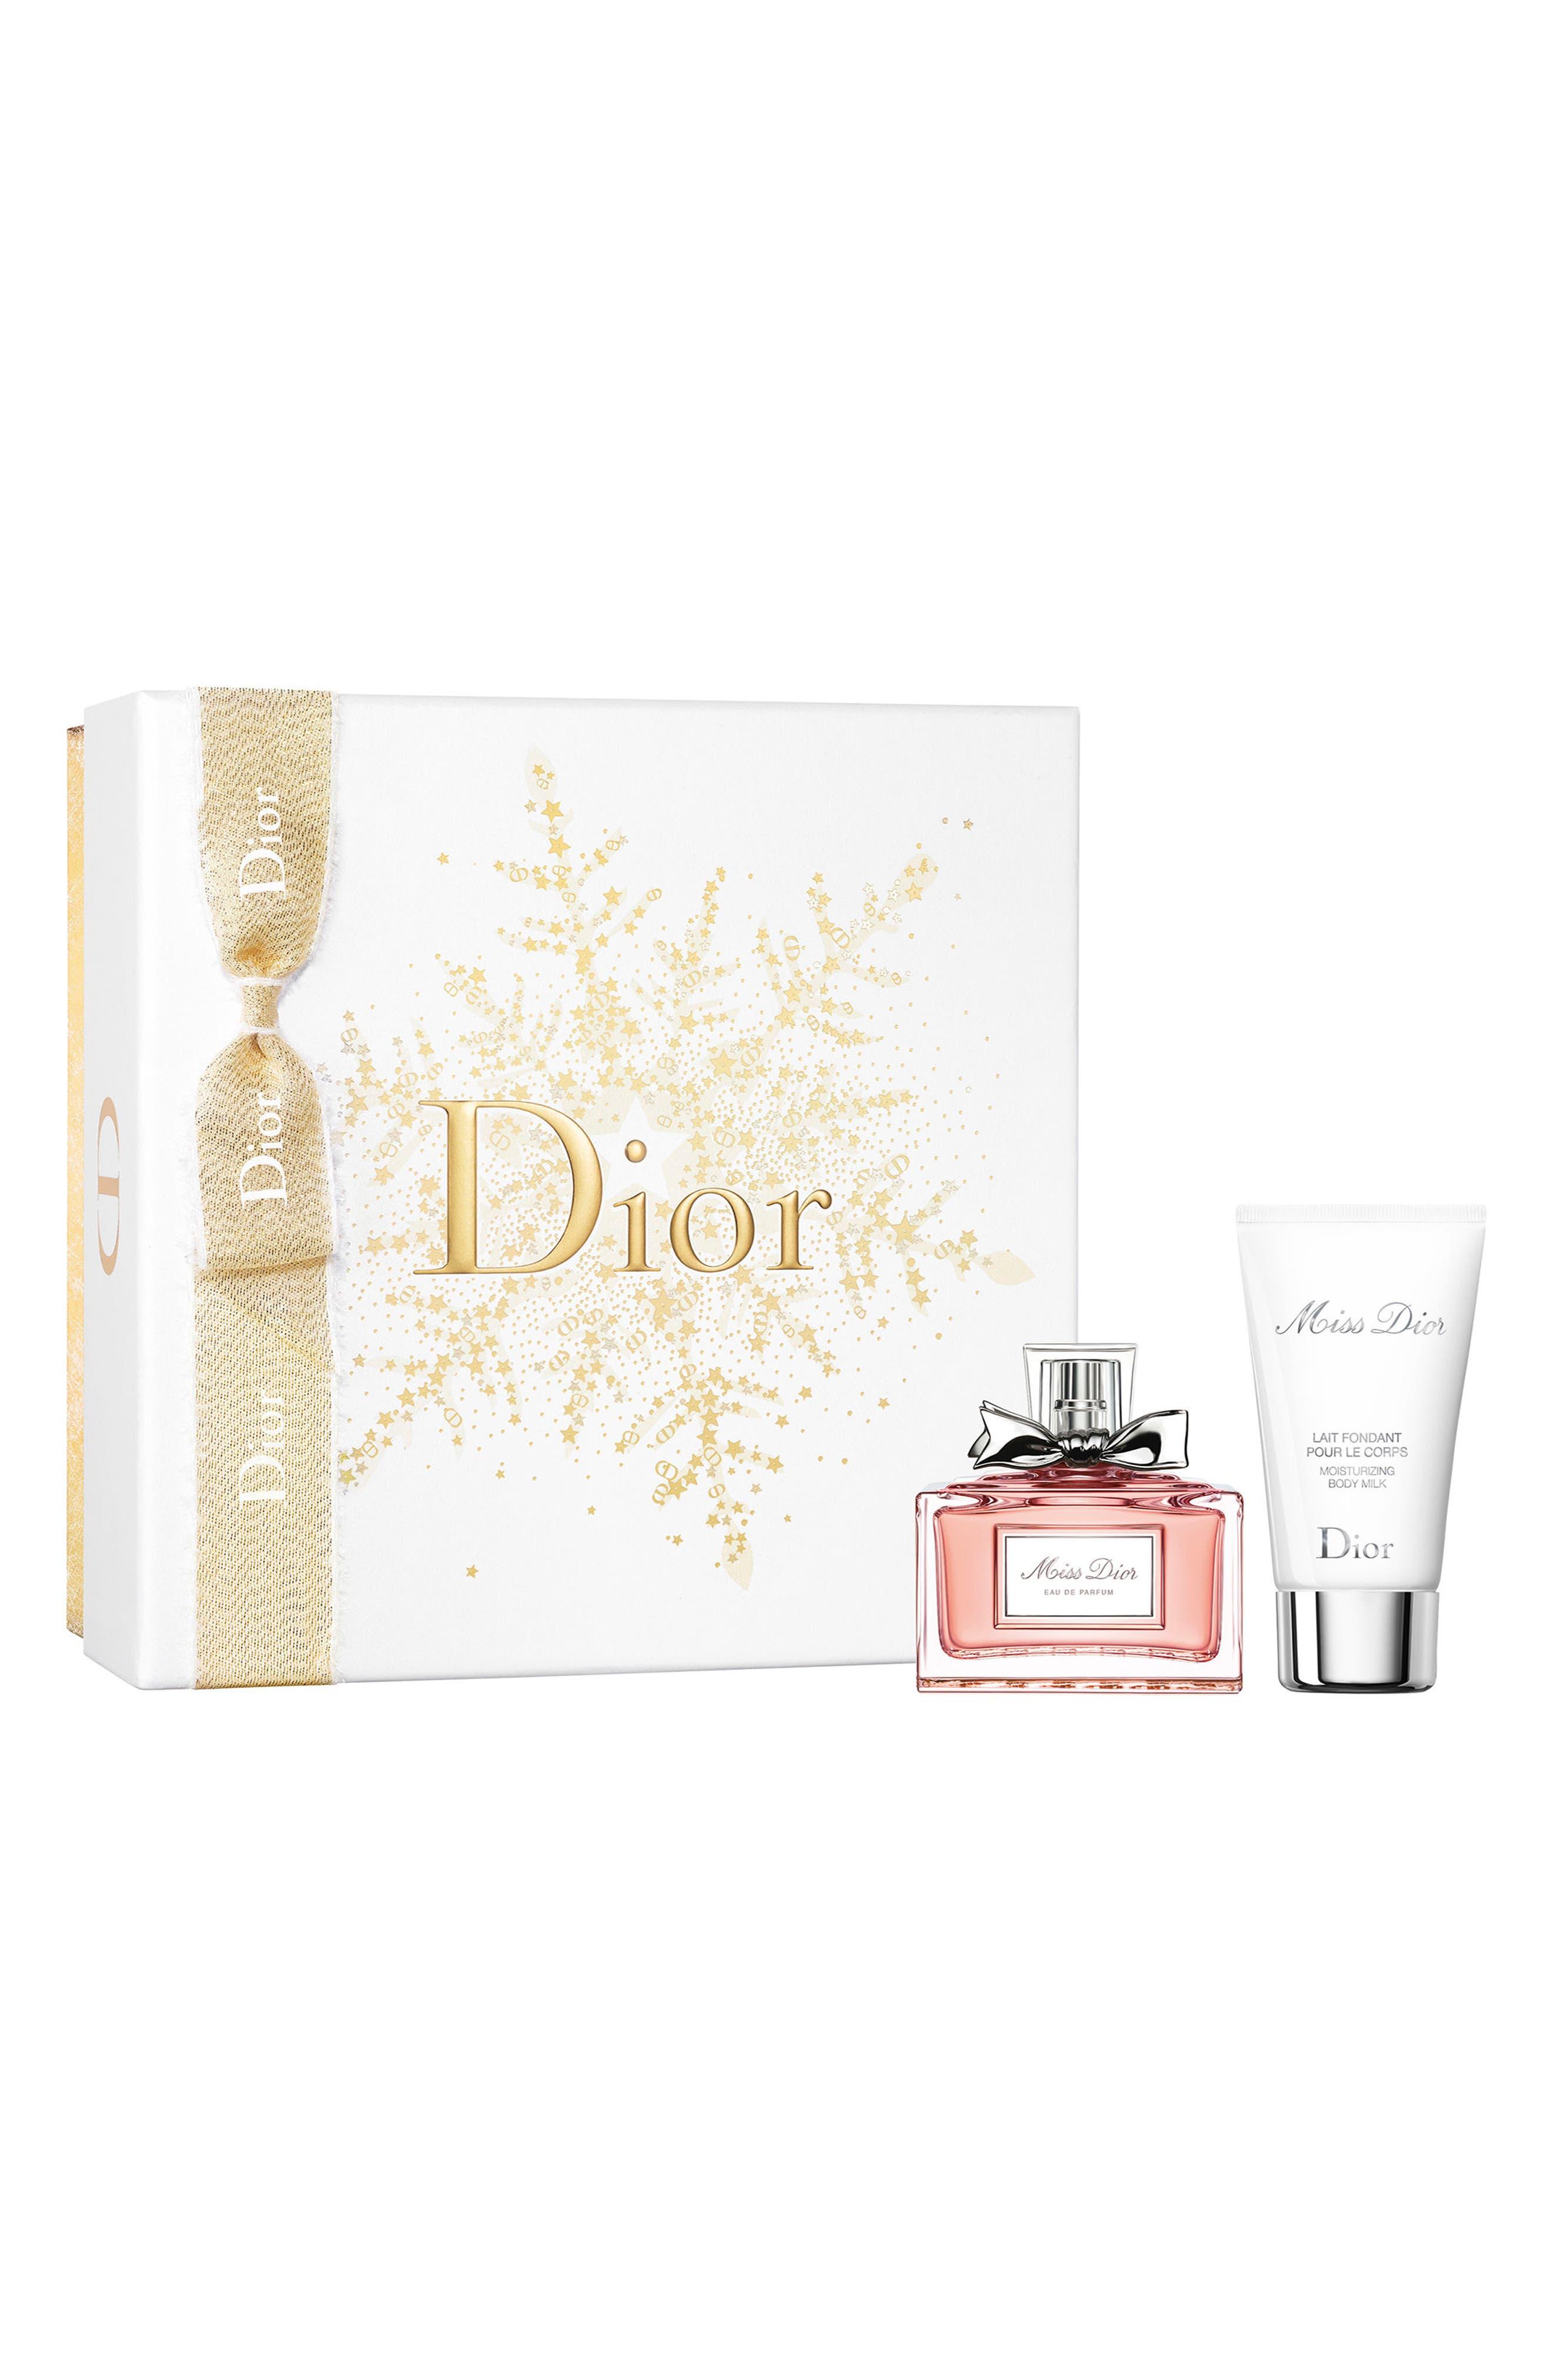 Miss Dior Small Signature Set,                         Main,                         color, No Color